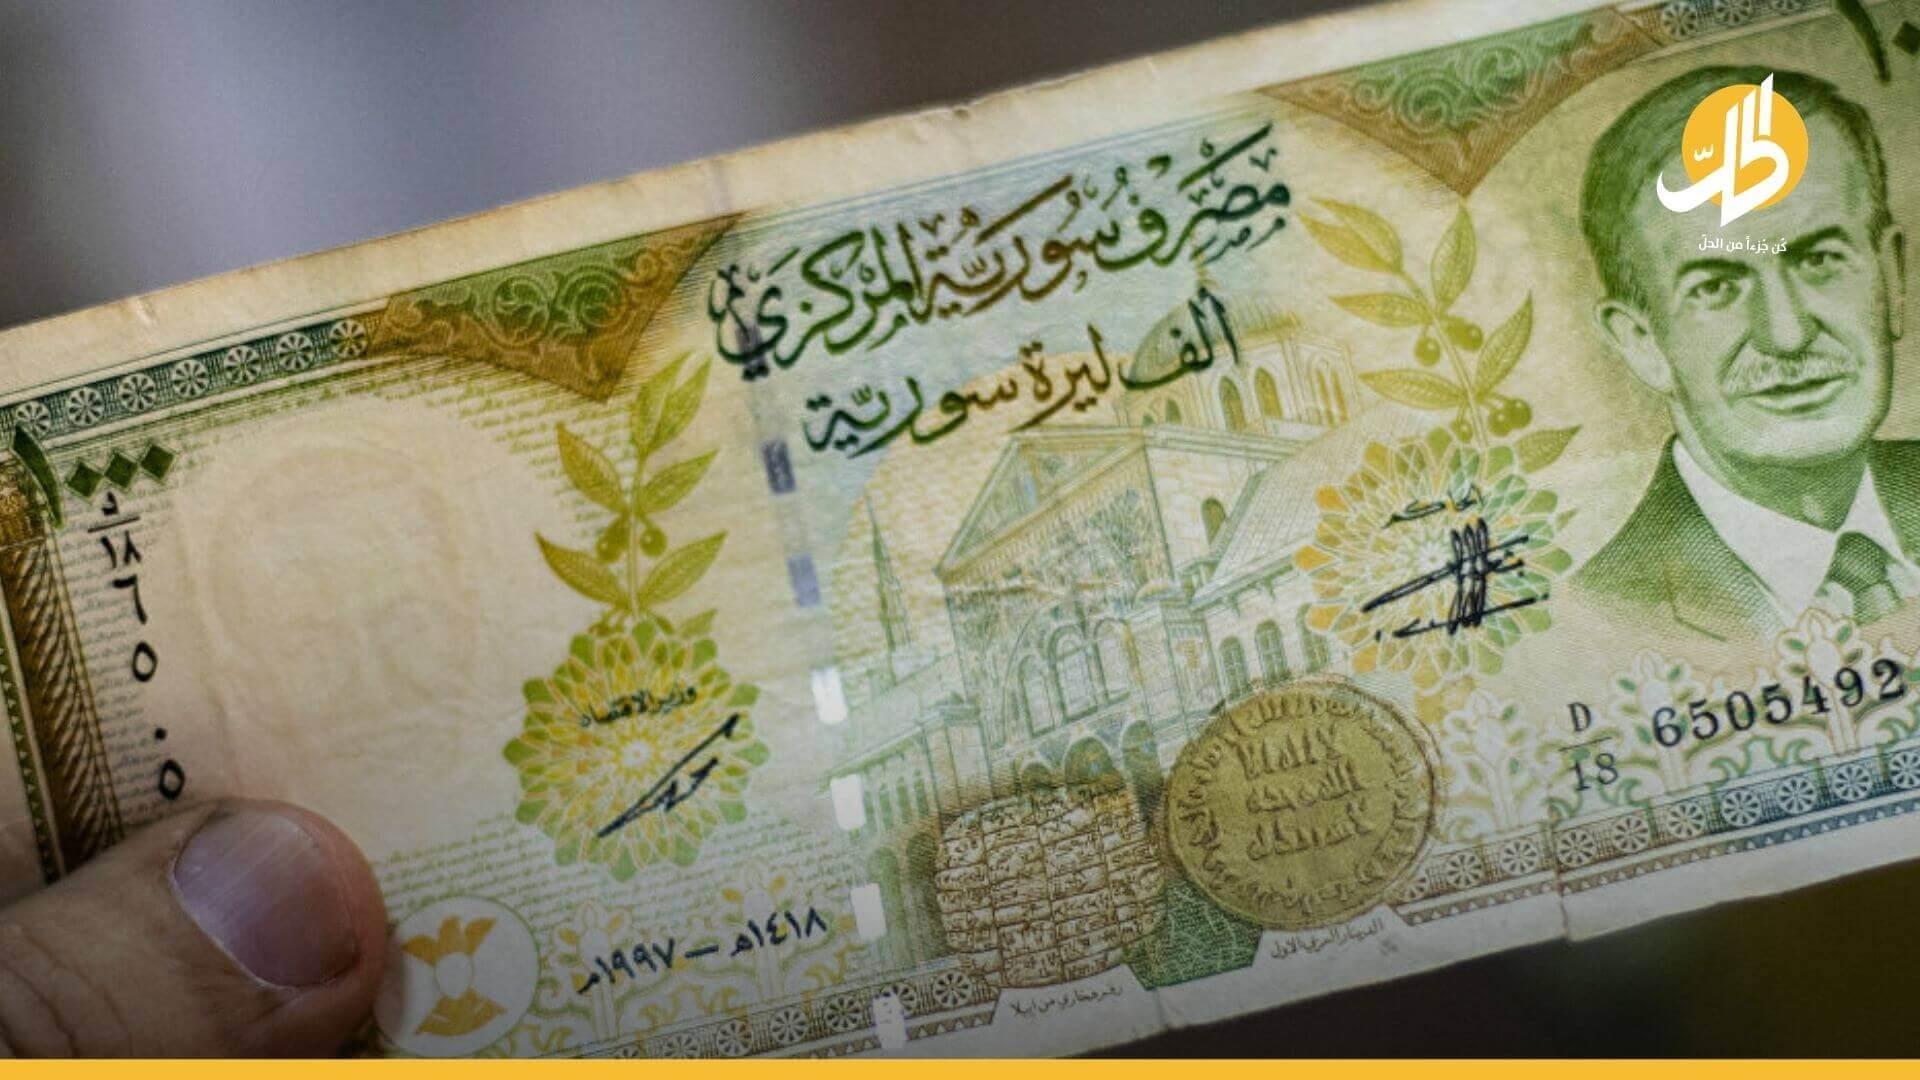 سعر صرف الليرة السورية يستقر نسبياً أمام الدولار